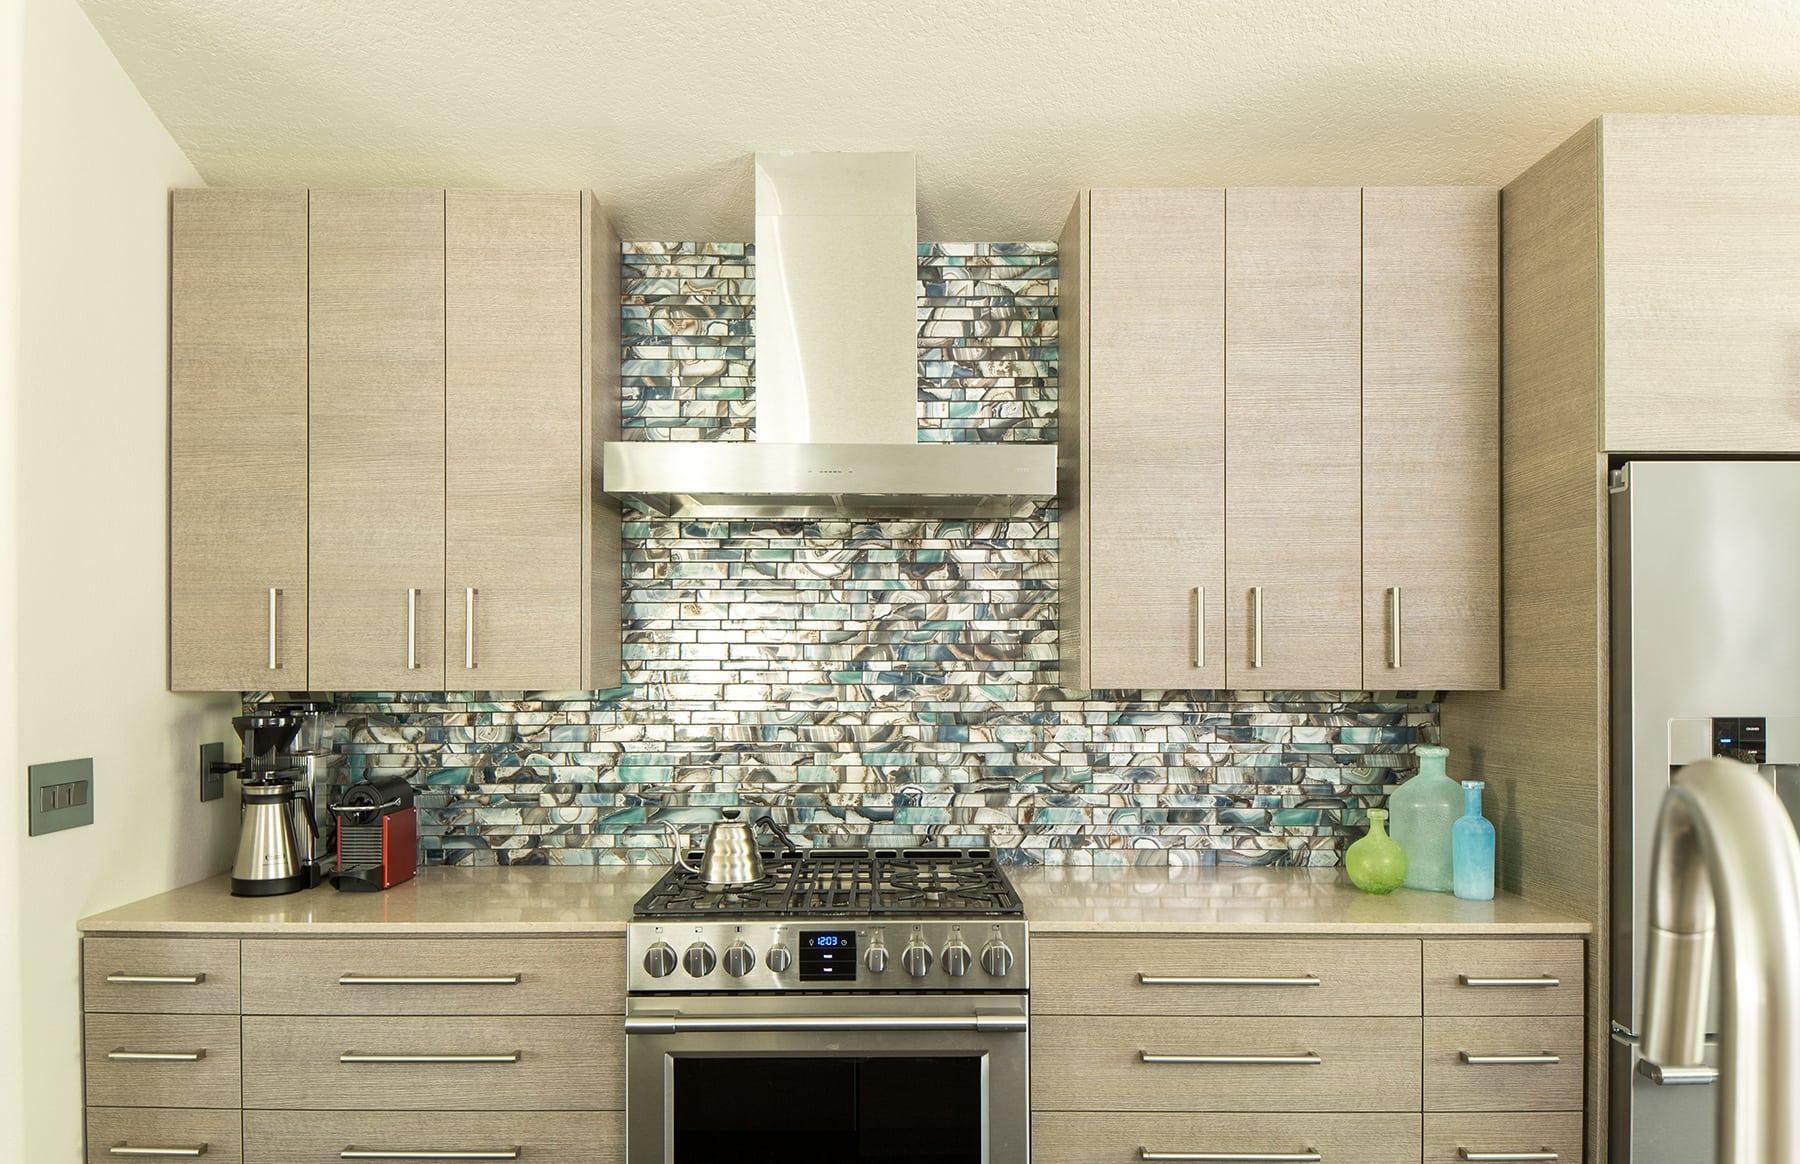 Sherwood Kitchen Turquoise glass backsplash